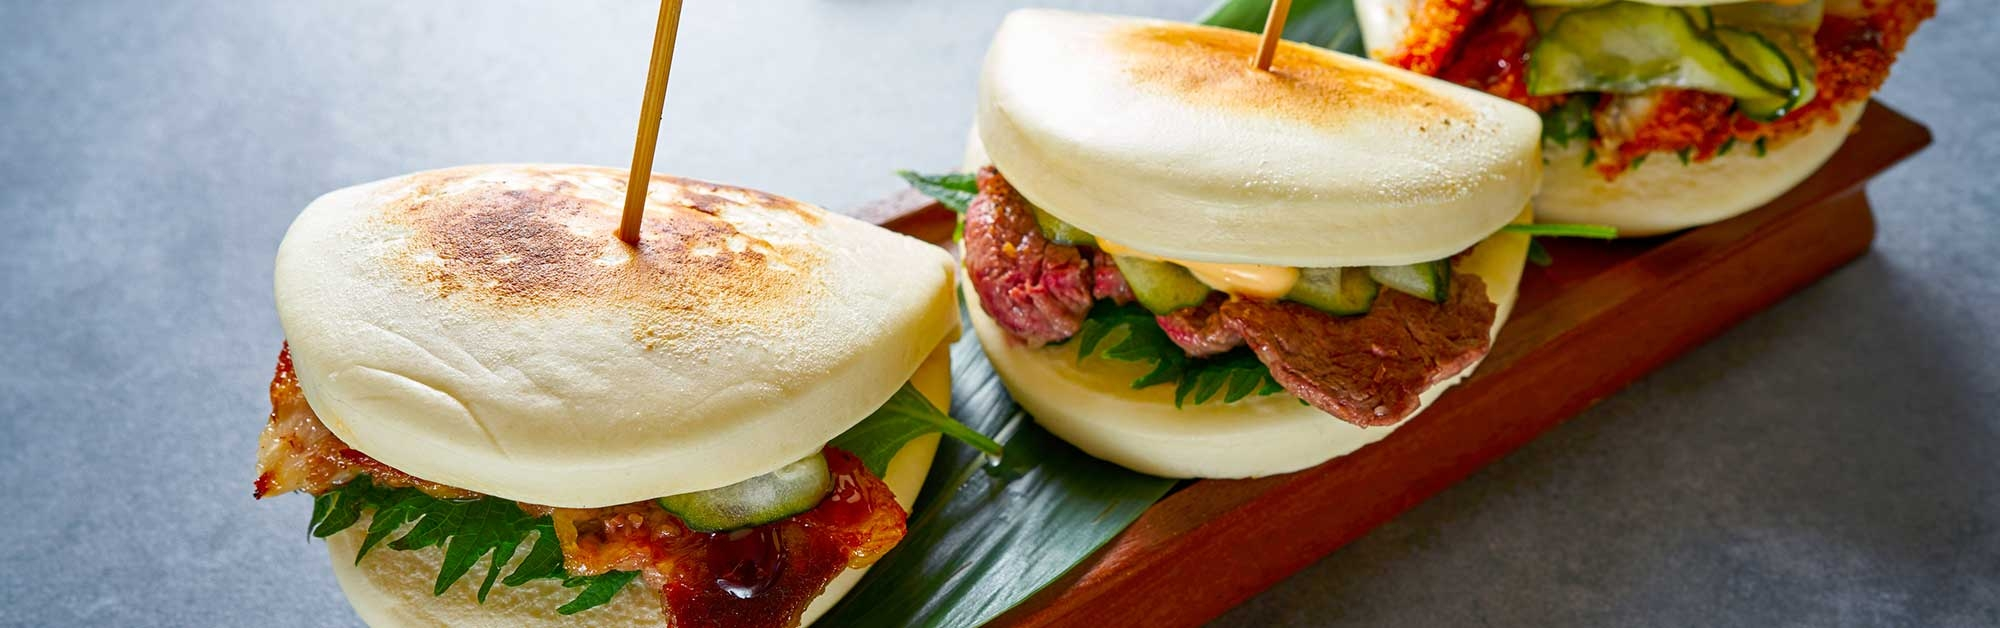 Pan bao con panceta de cerdo y salsa hoisin